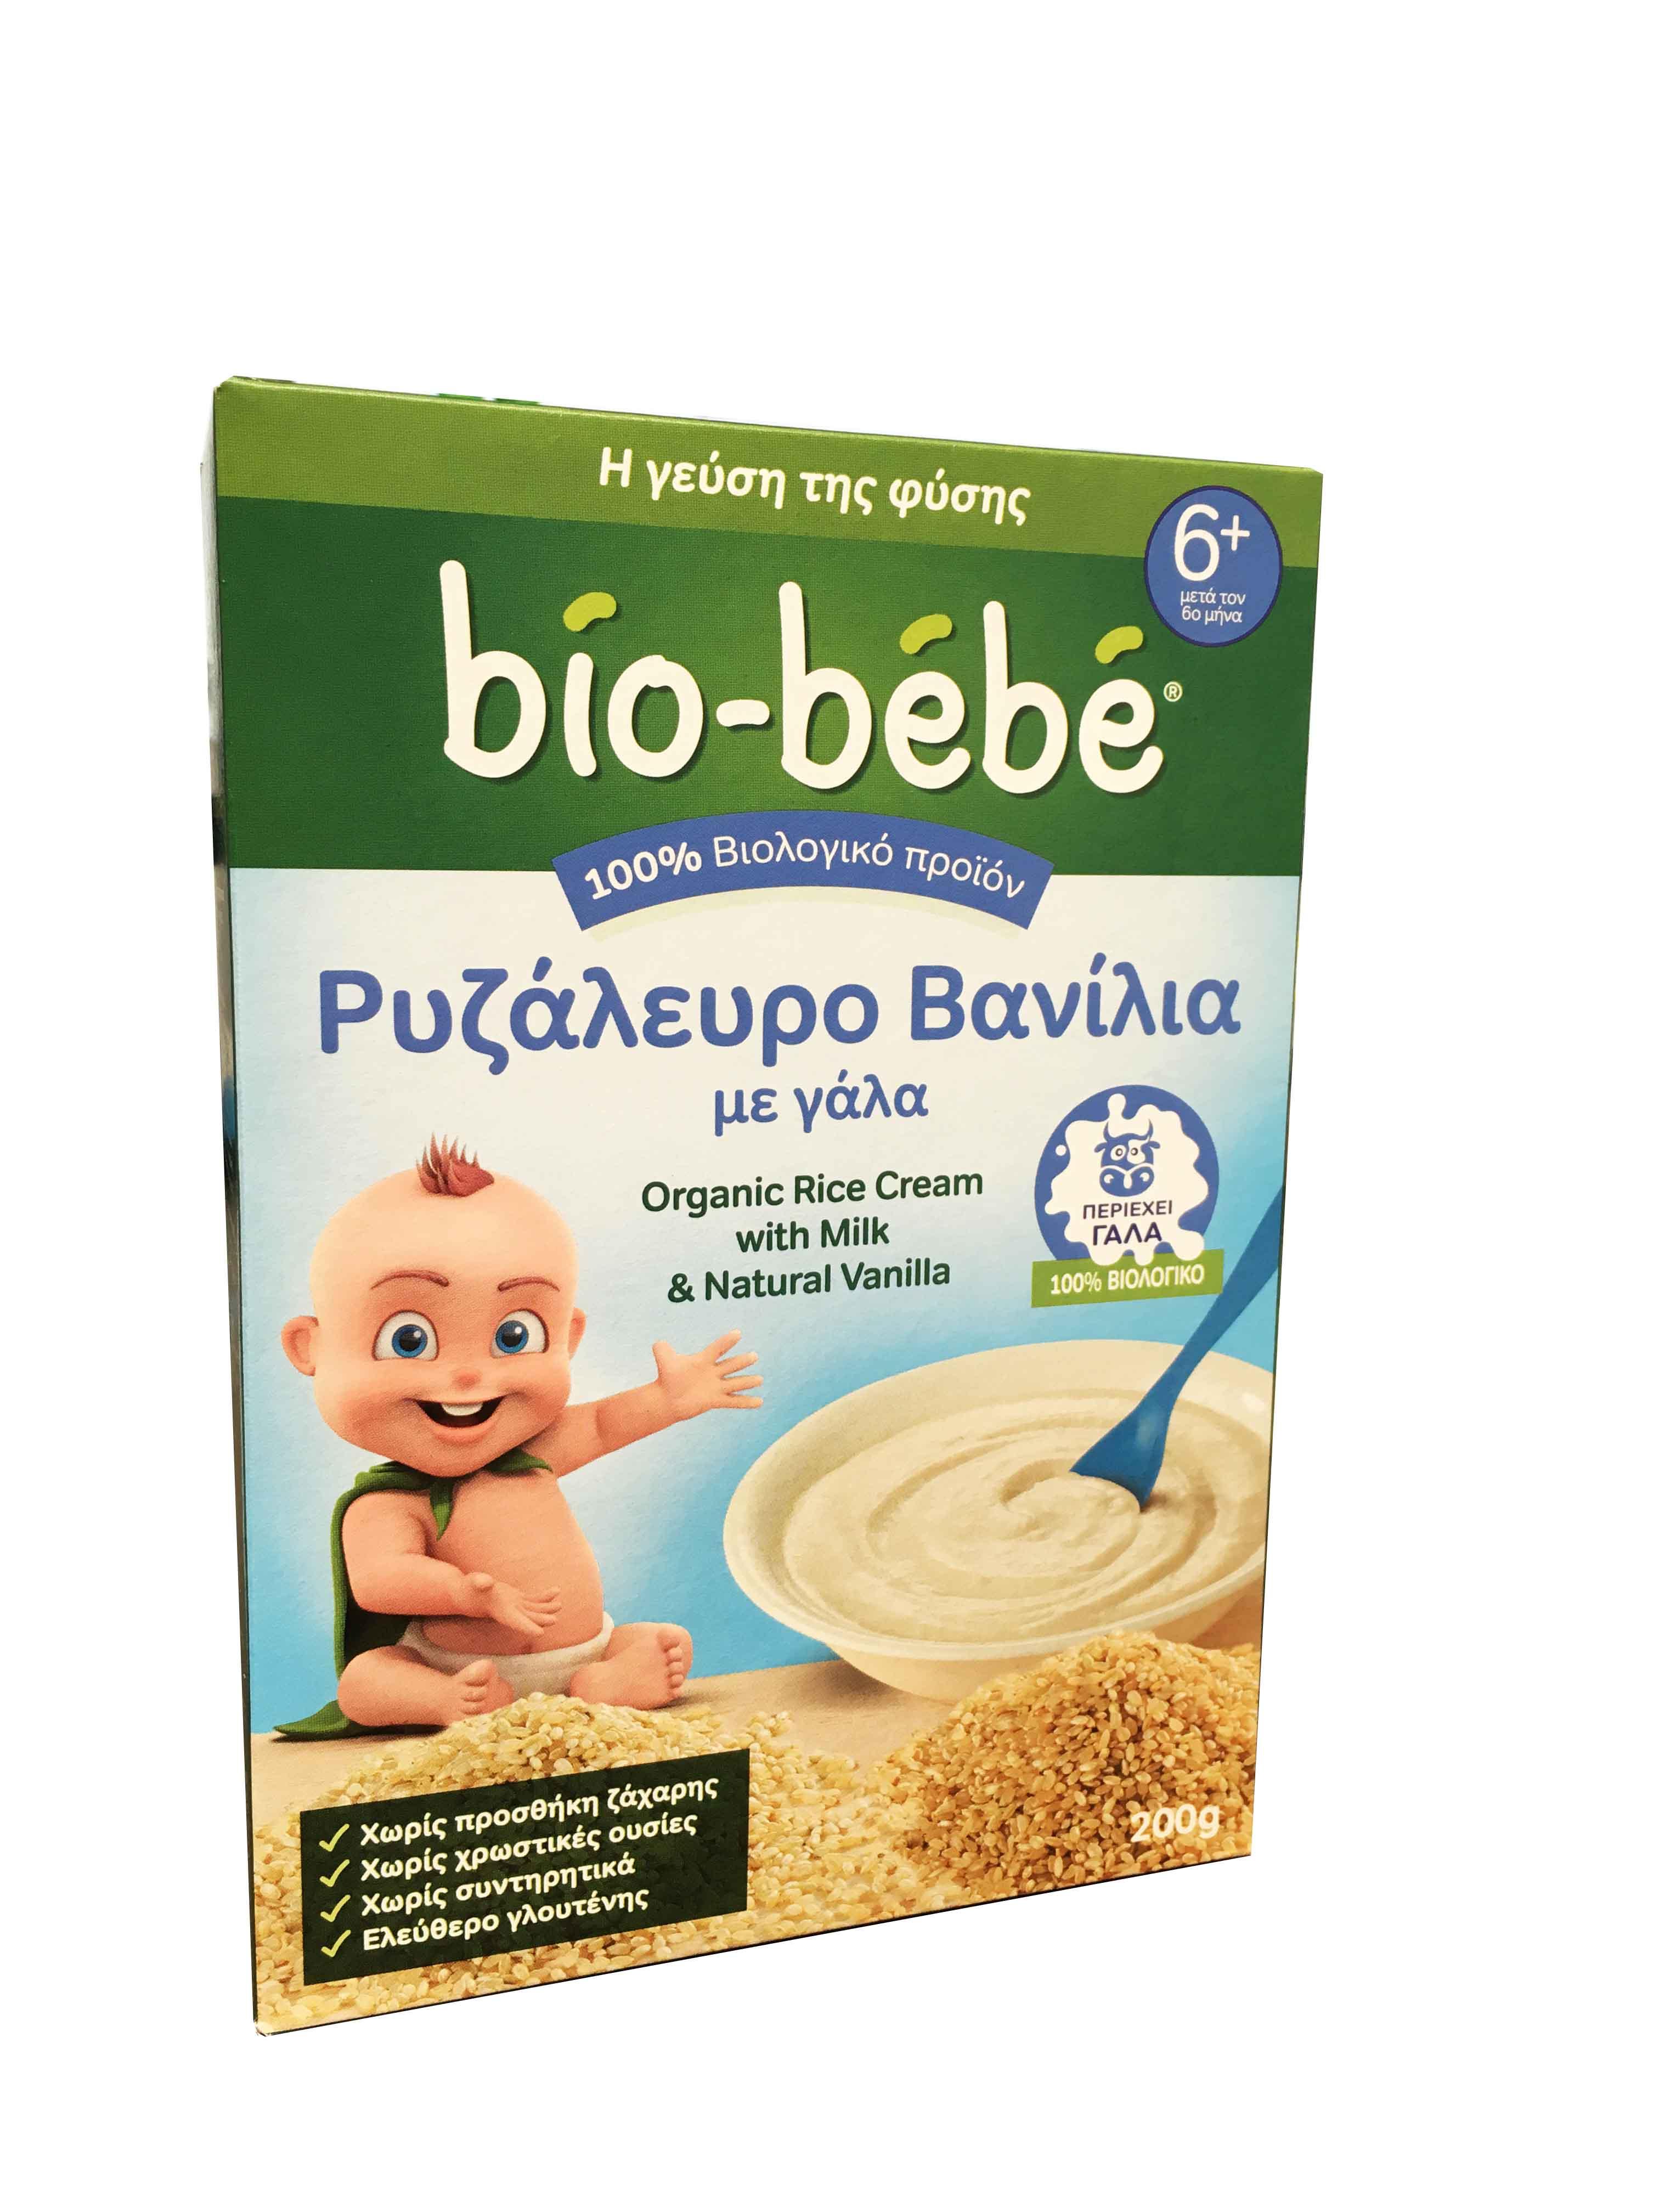 Bio Bebe Ρυζάλευρο Βανίλια με Γάλα 6m+ ΜΕ -0.70€ ΜΕΙΩΜΕΝΗ ΑΡΧΙΚΗ ΤΙΜΗ Βιολογικής Καλλιέργειας, 200gr